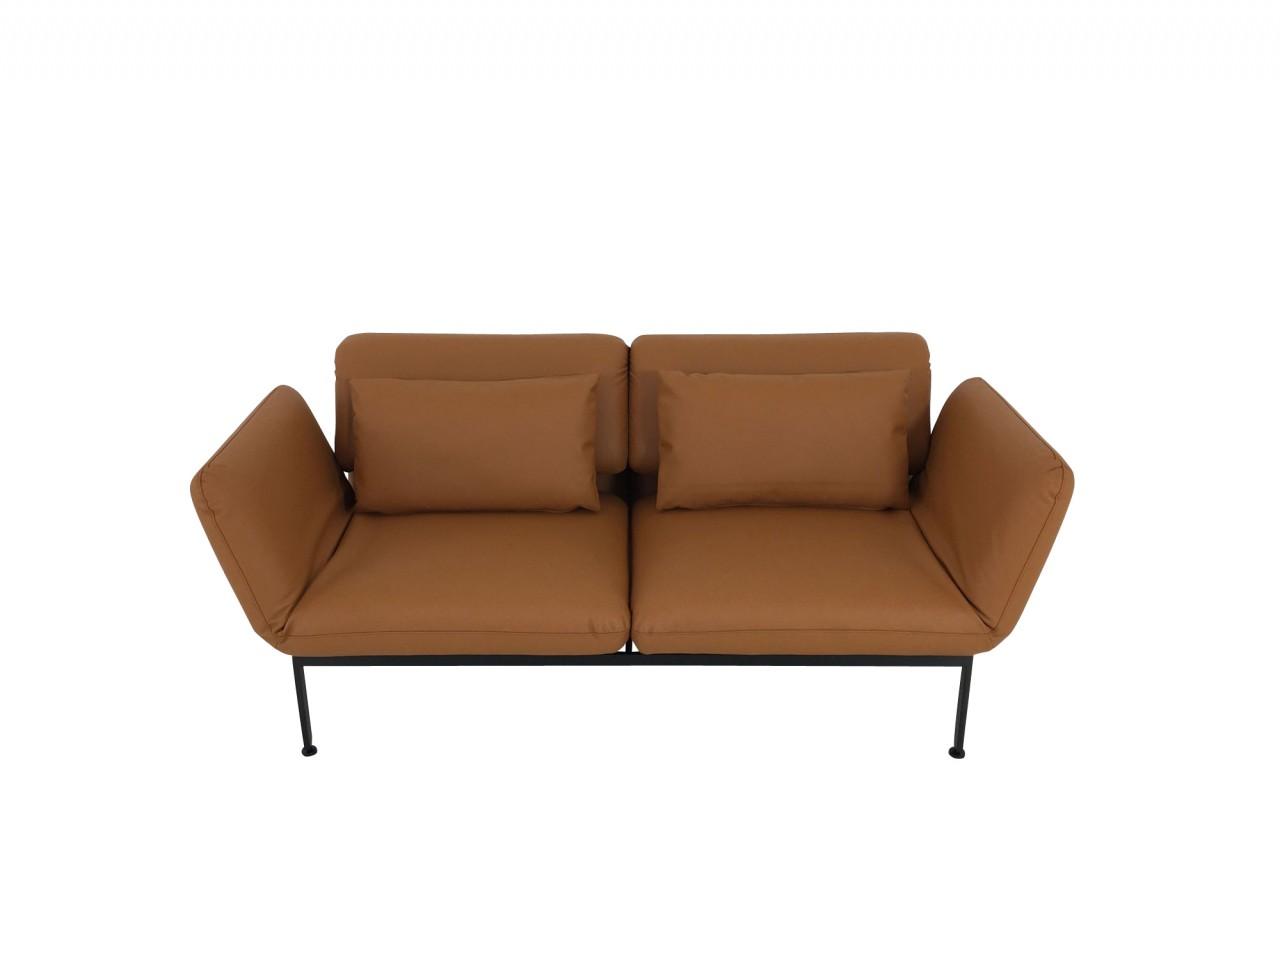 Brühl RORO medium Sofa im Leder Choise mit Drehsitzen und praktischen Rollen hinten